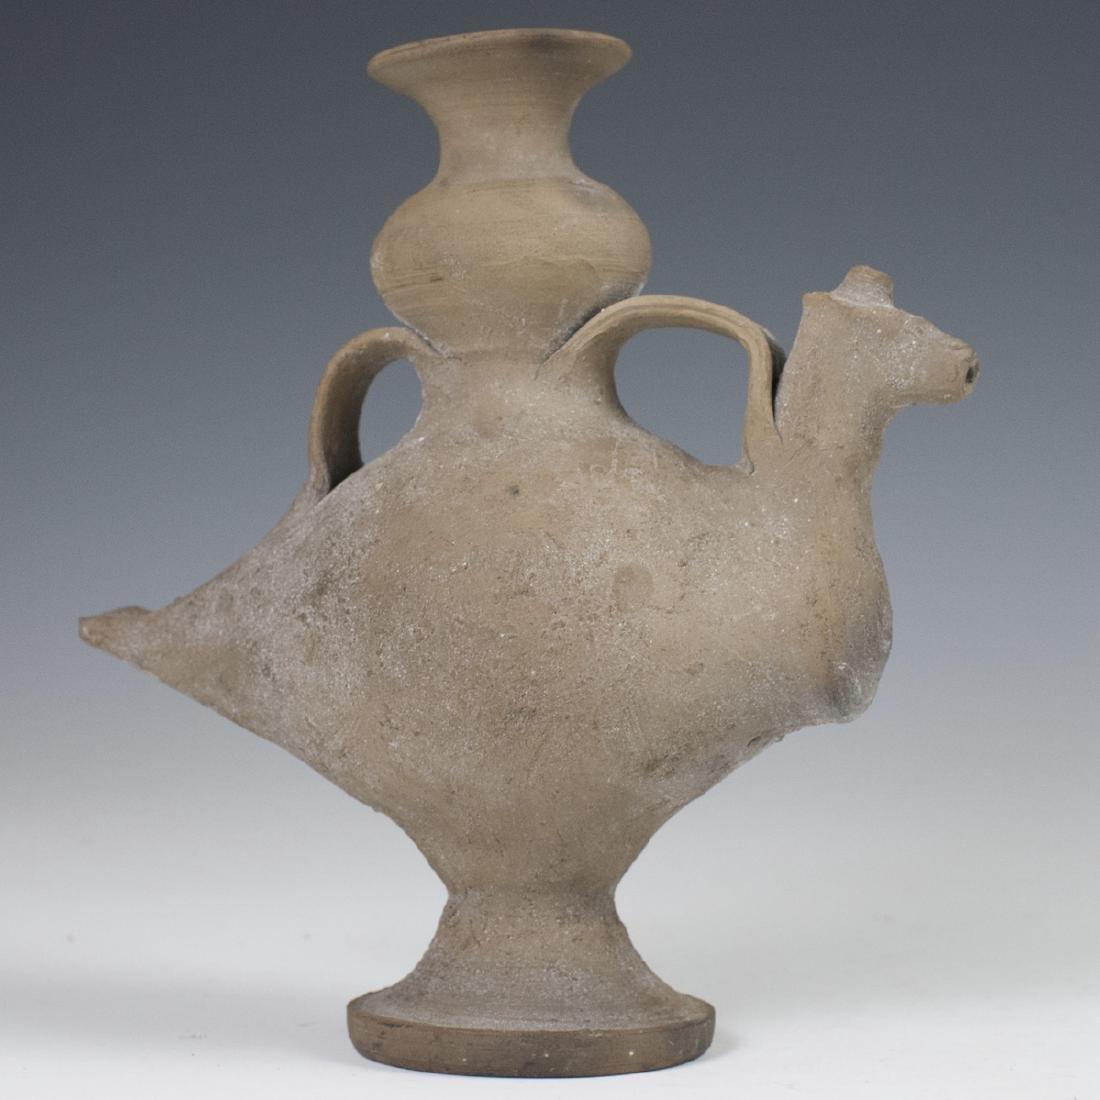 Antique Pottery Vessel - 3